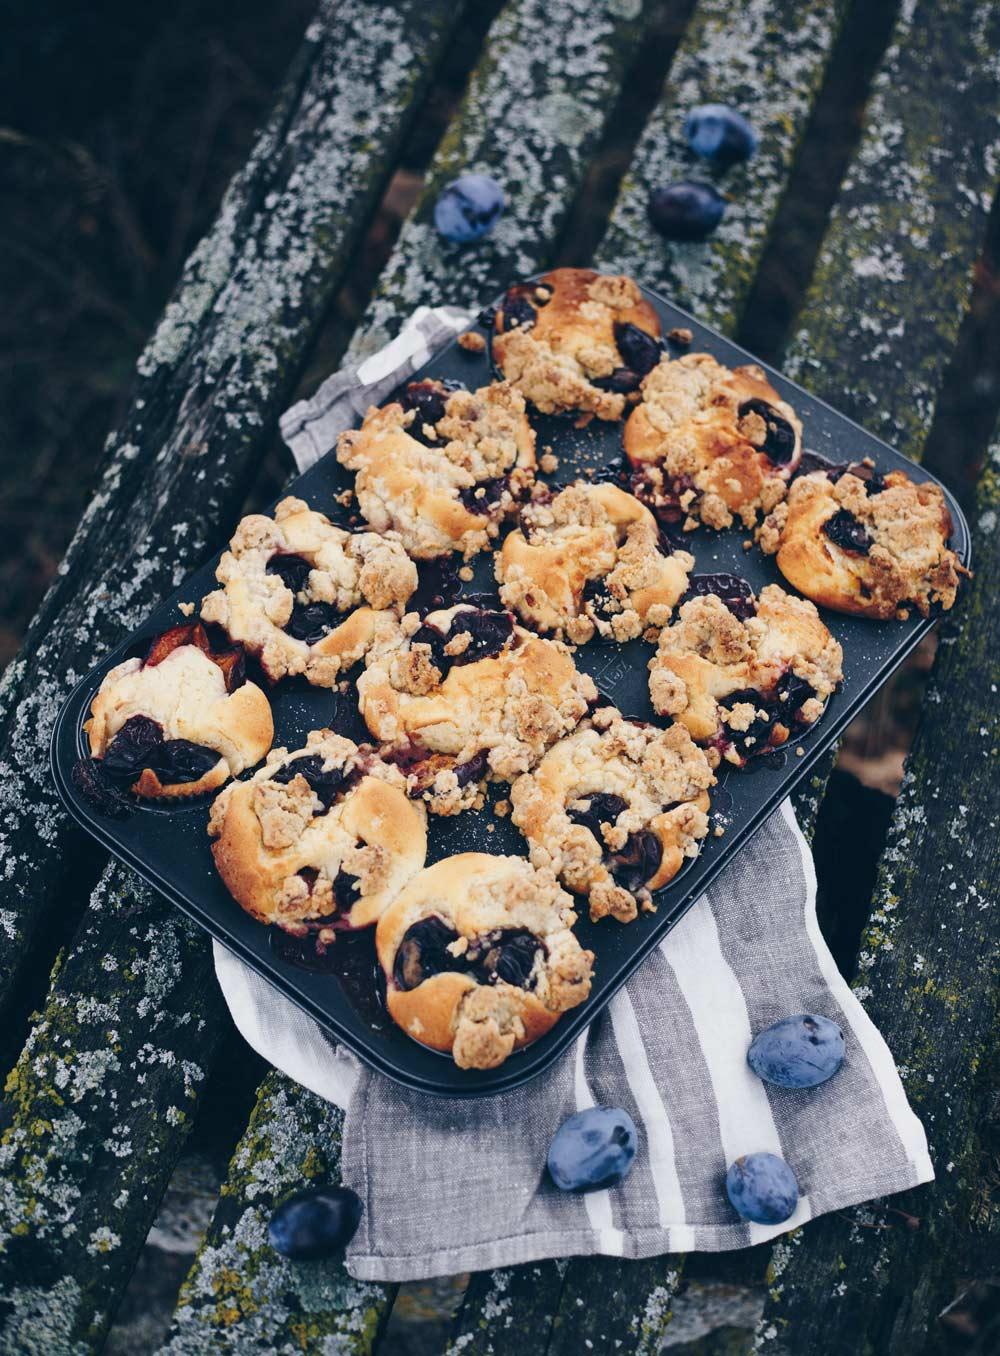 Pflaumenmuffins mit Walnussstreuseln - einfaches Rezept für den Herbst mit Frischkäse Teig